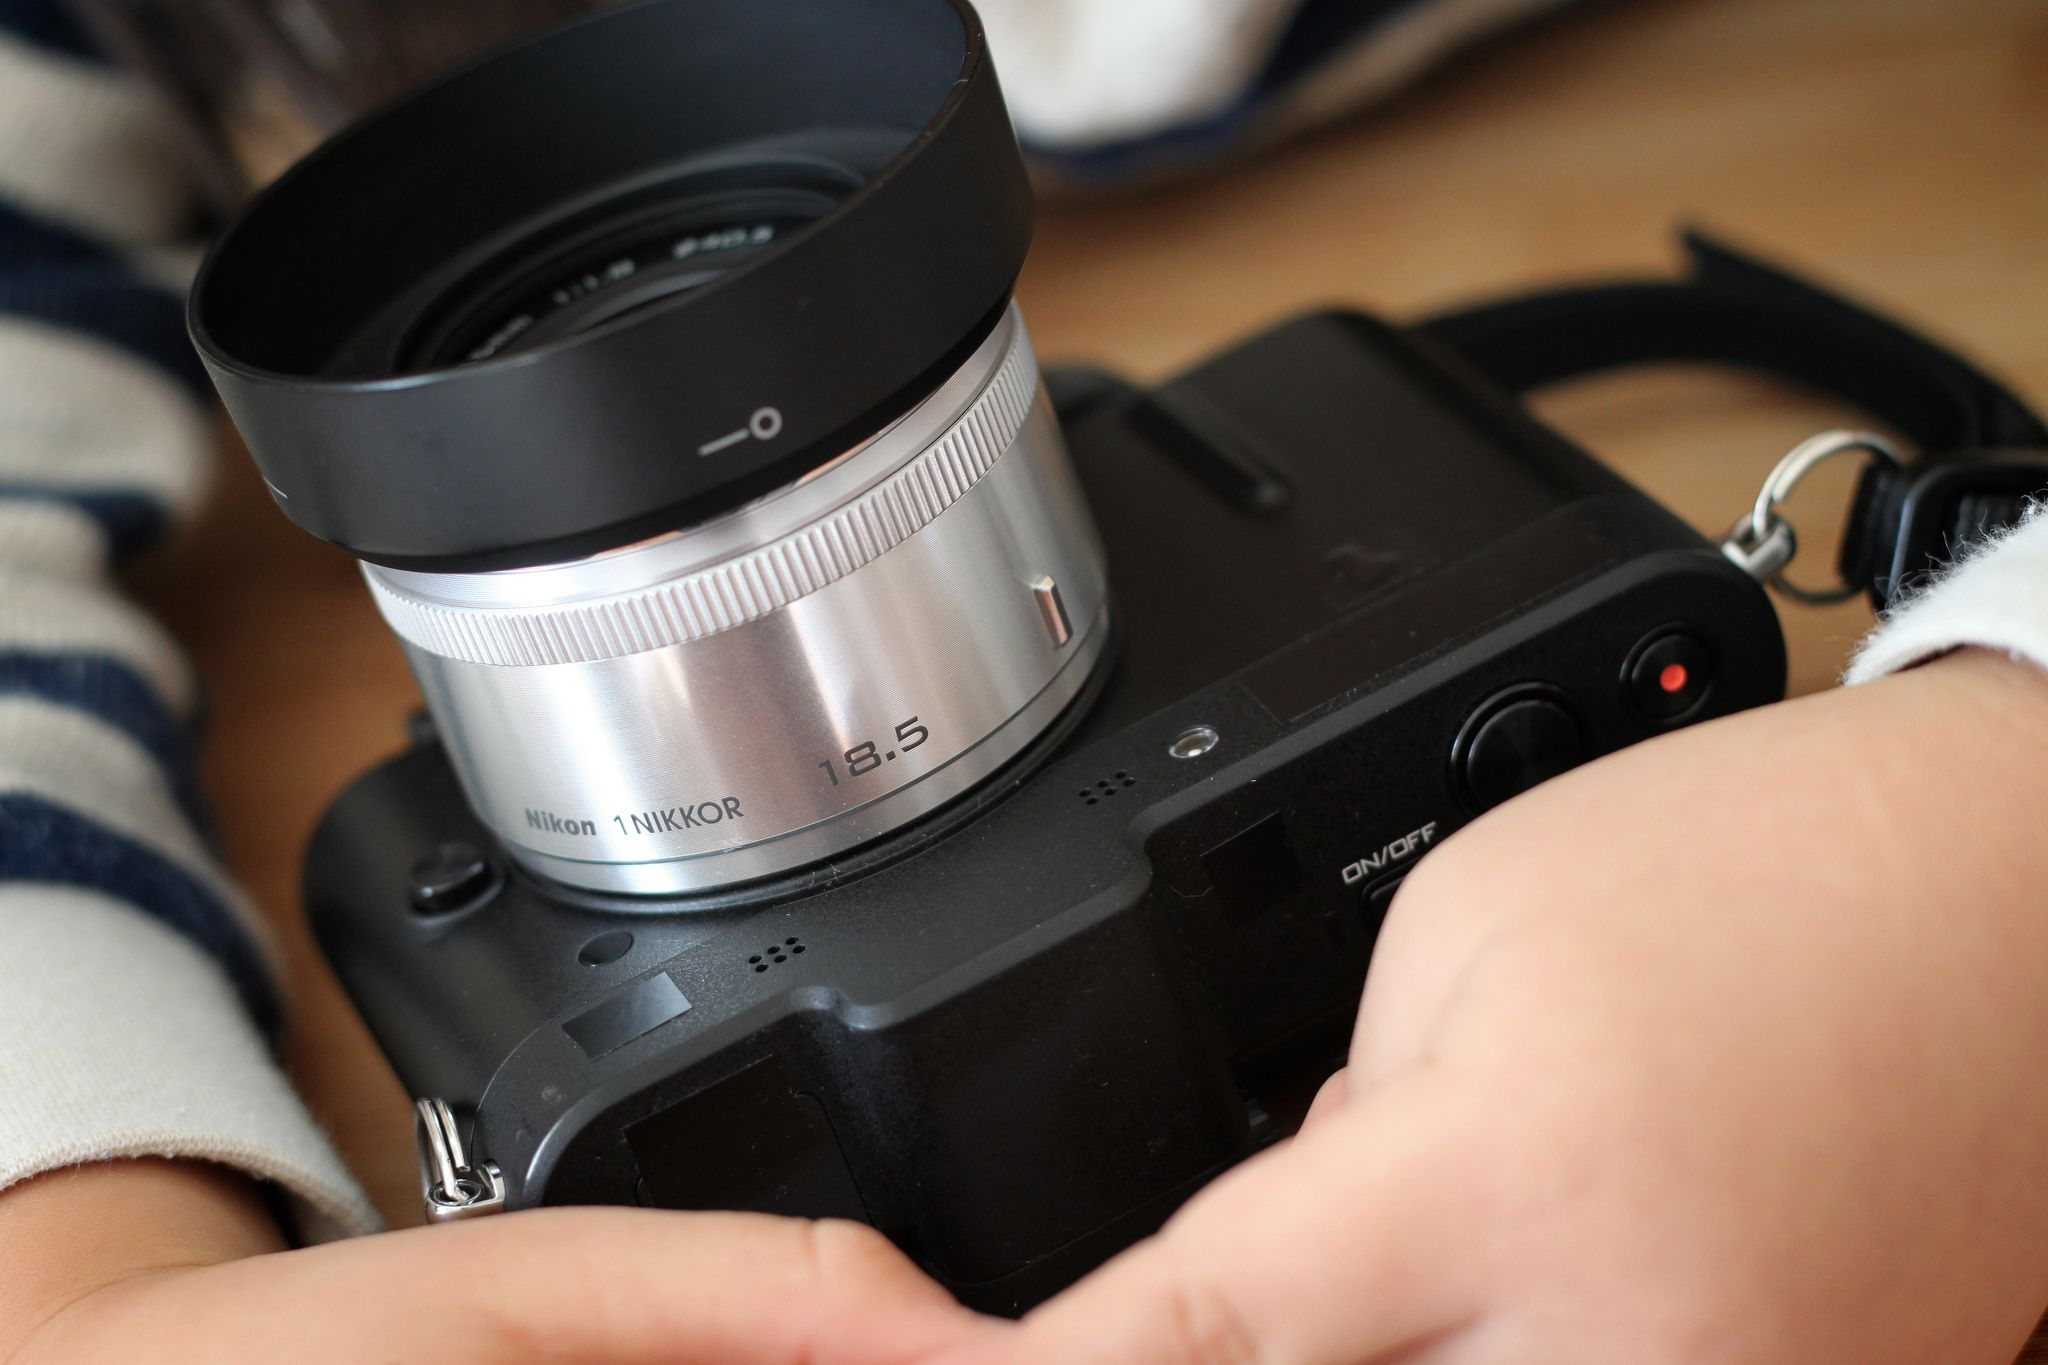 Nikon V1 1 Nikkor 18 5mm F 1 8 Nikon 5mm F 1